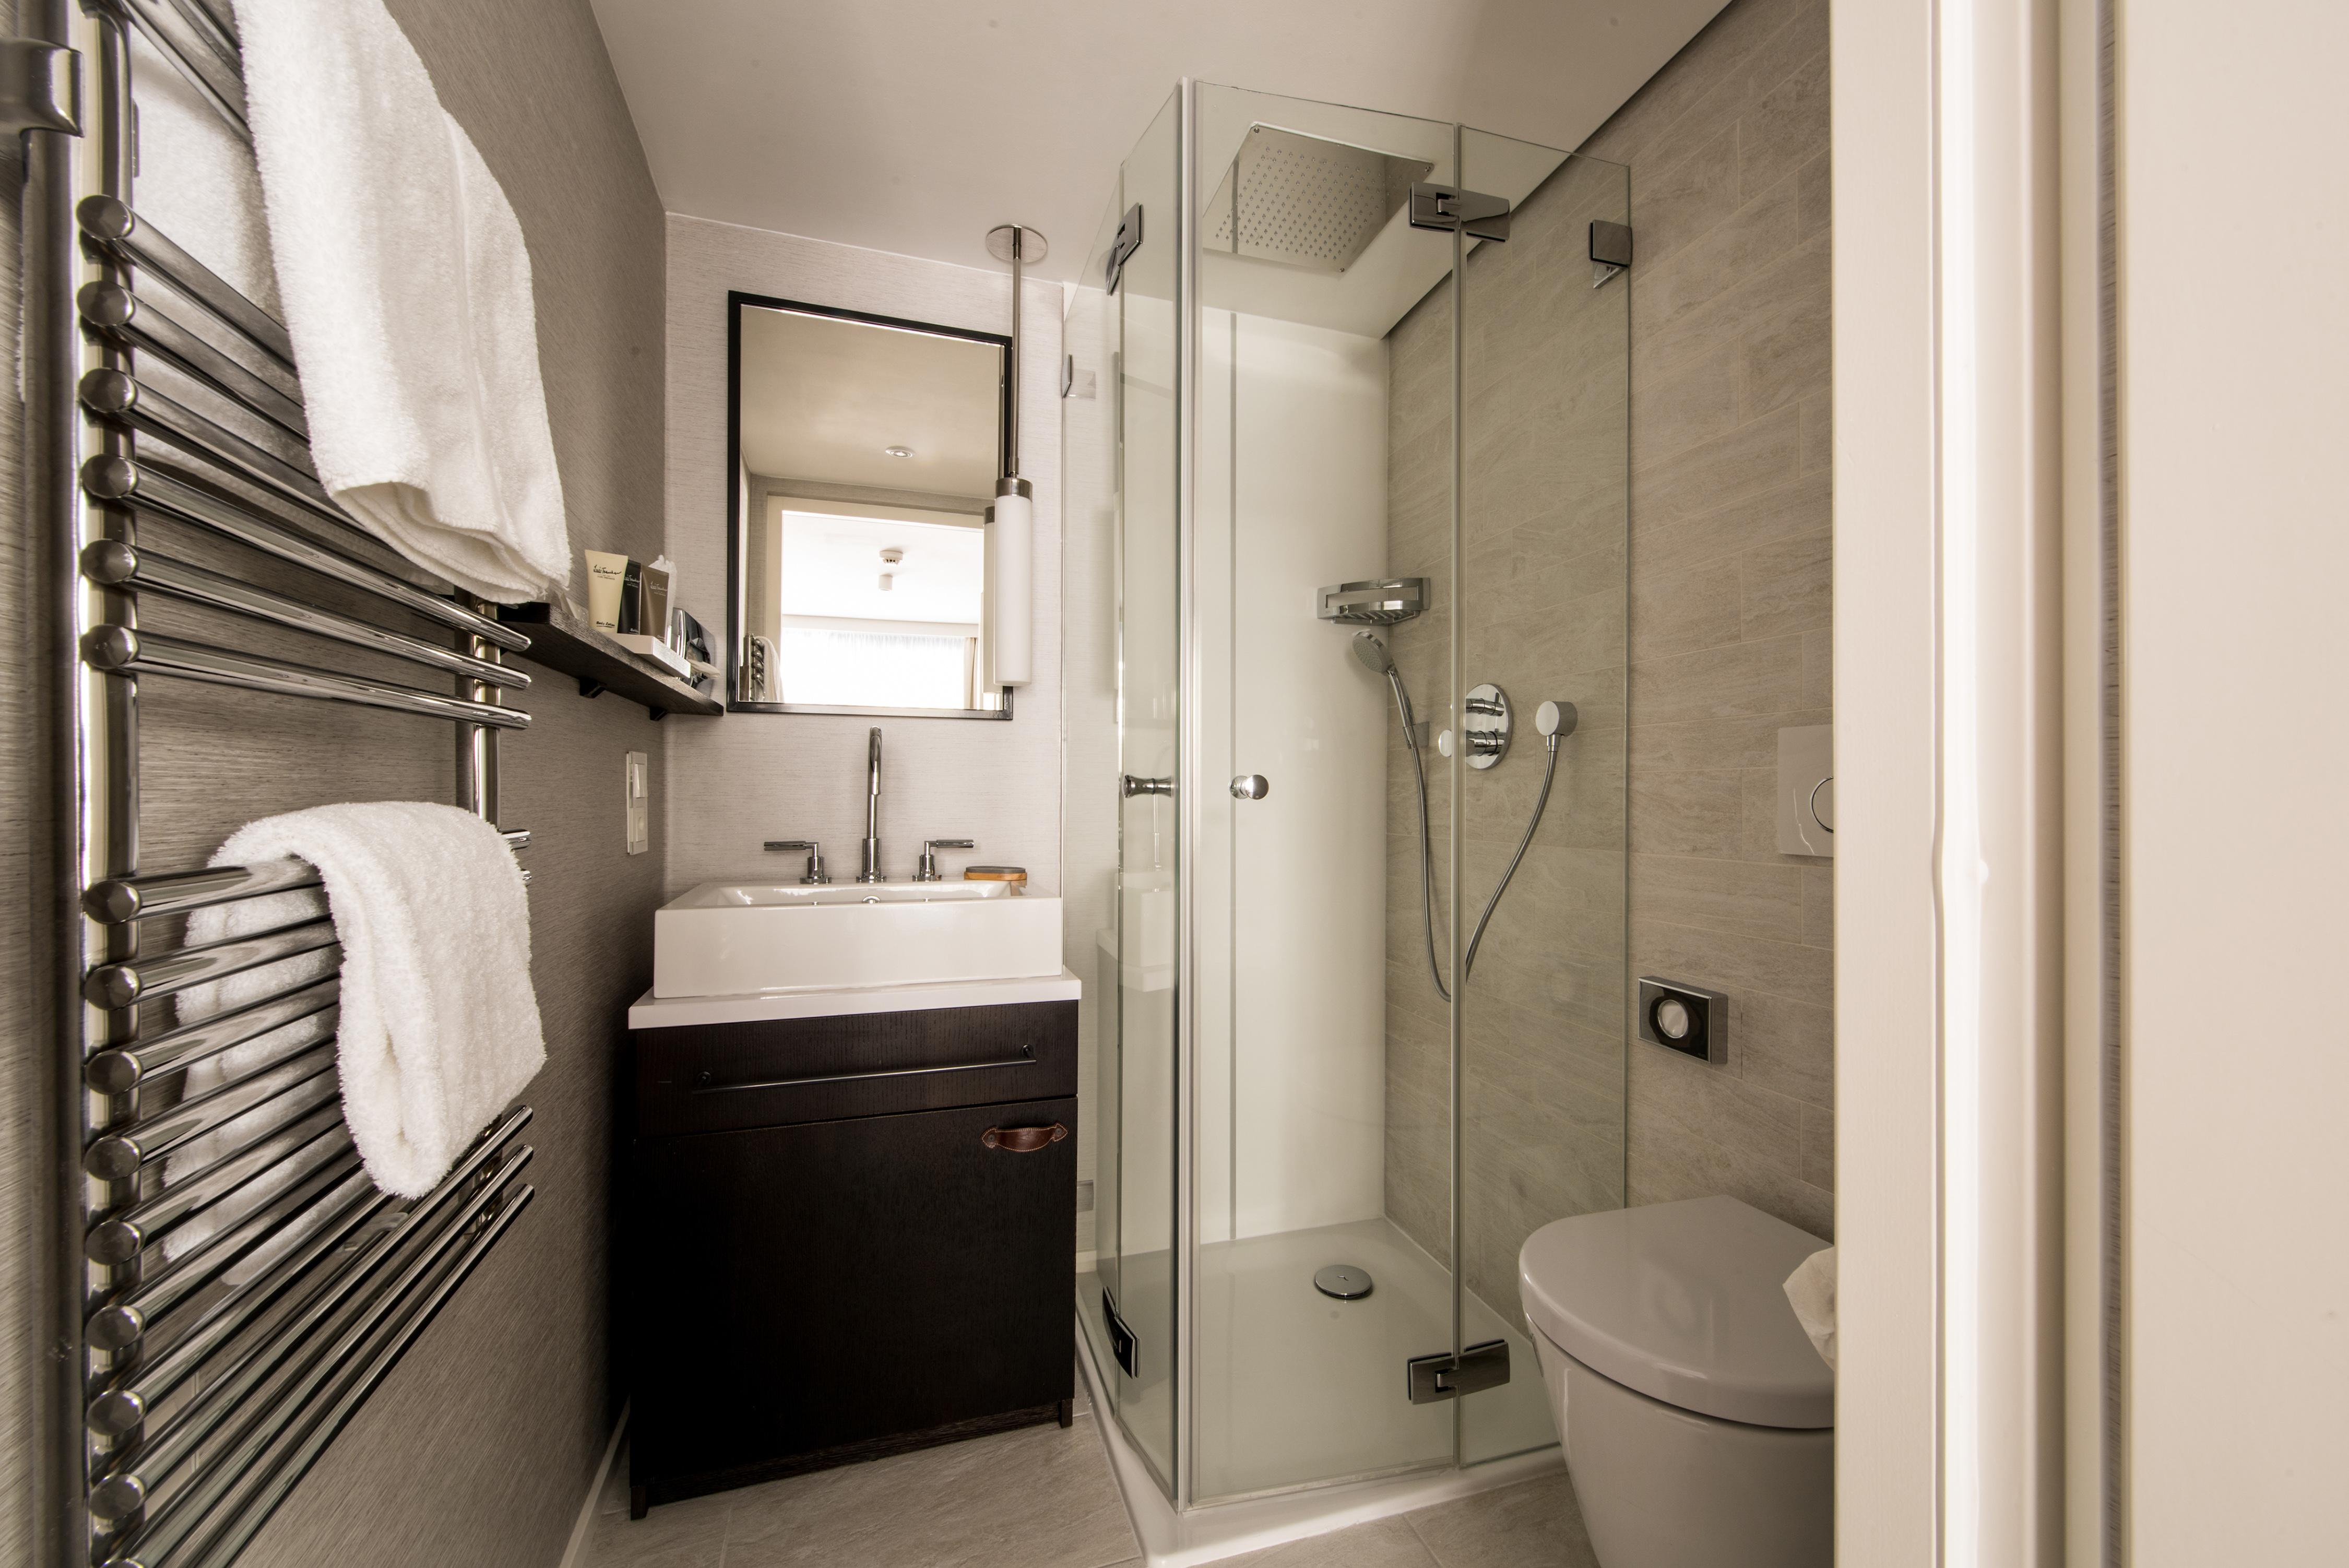 umfassendes schweizer hotelverzeichnis. Black Bedroom Furniture Sets. Home Design Ideas